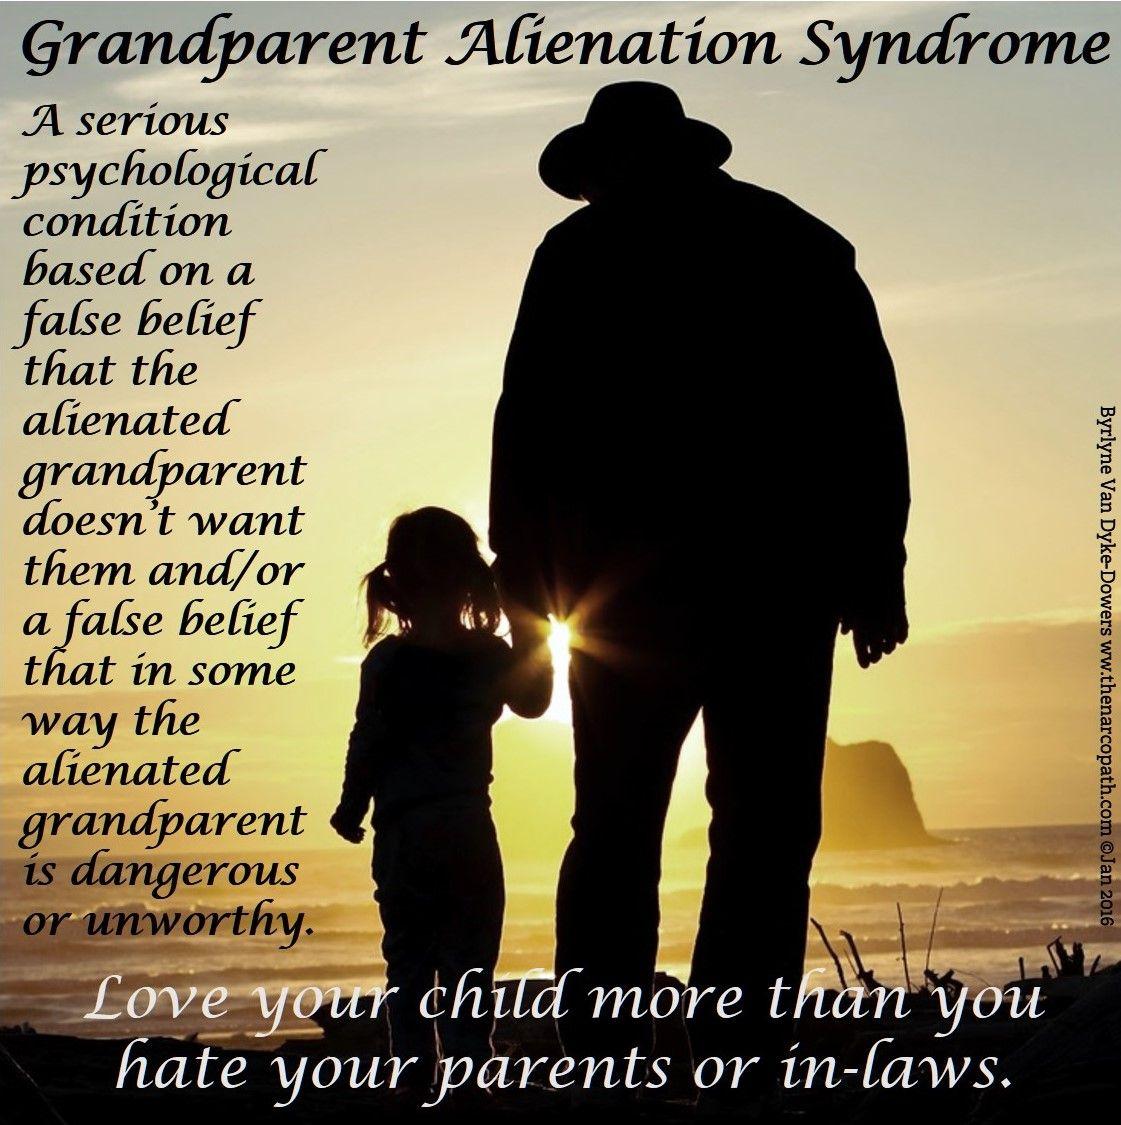 Grandparent Alienation Syndrome - occurs when a parent ...